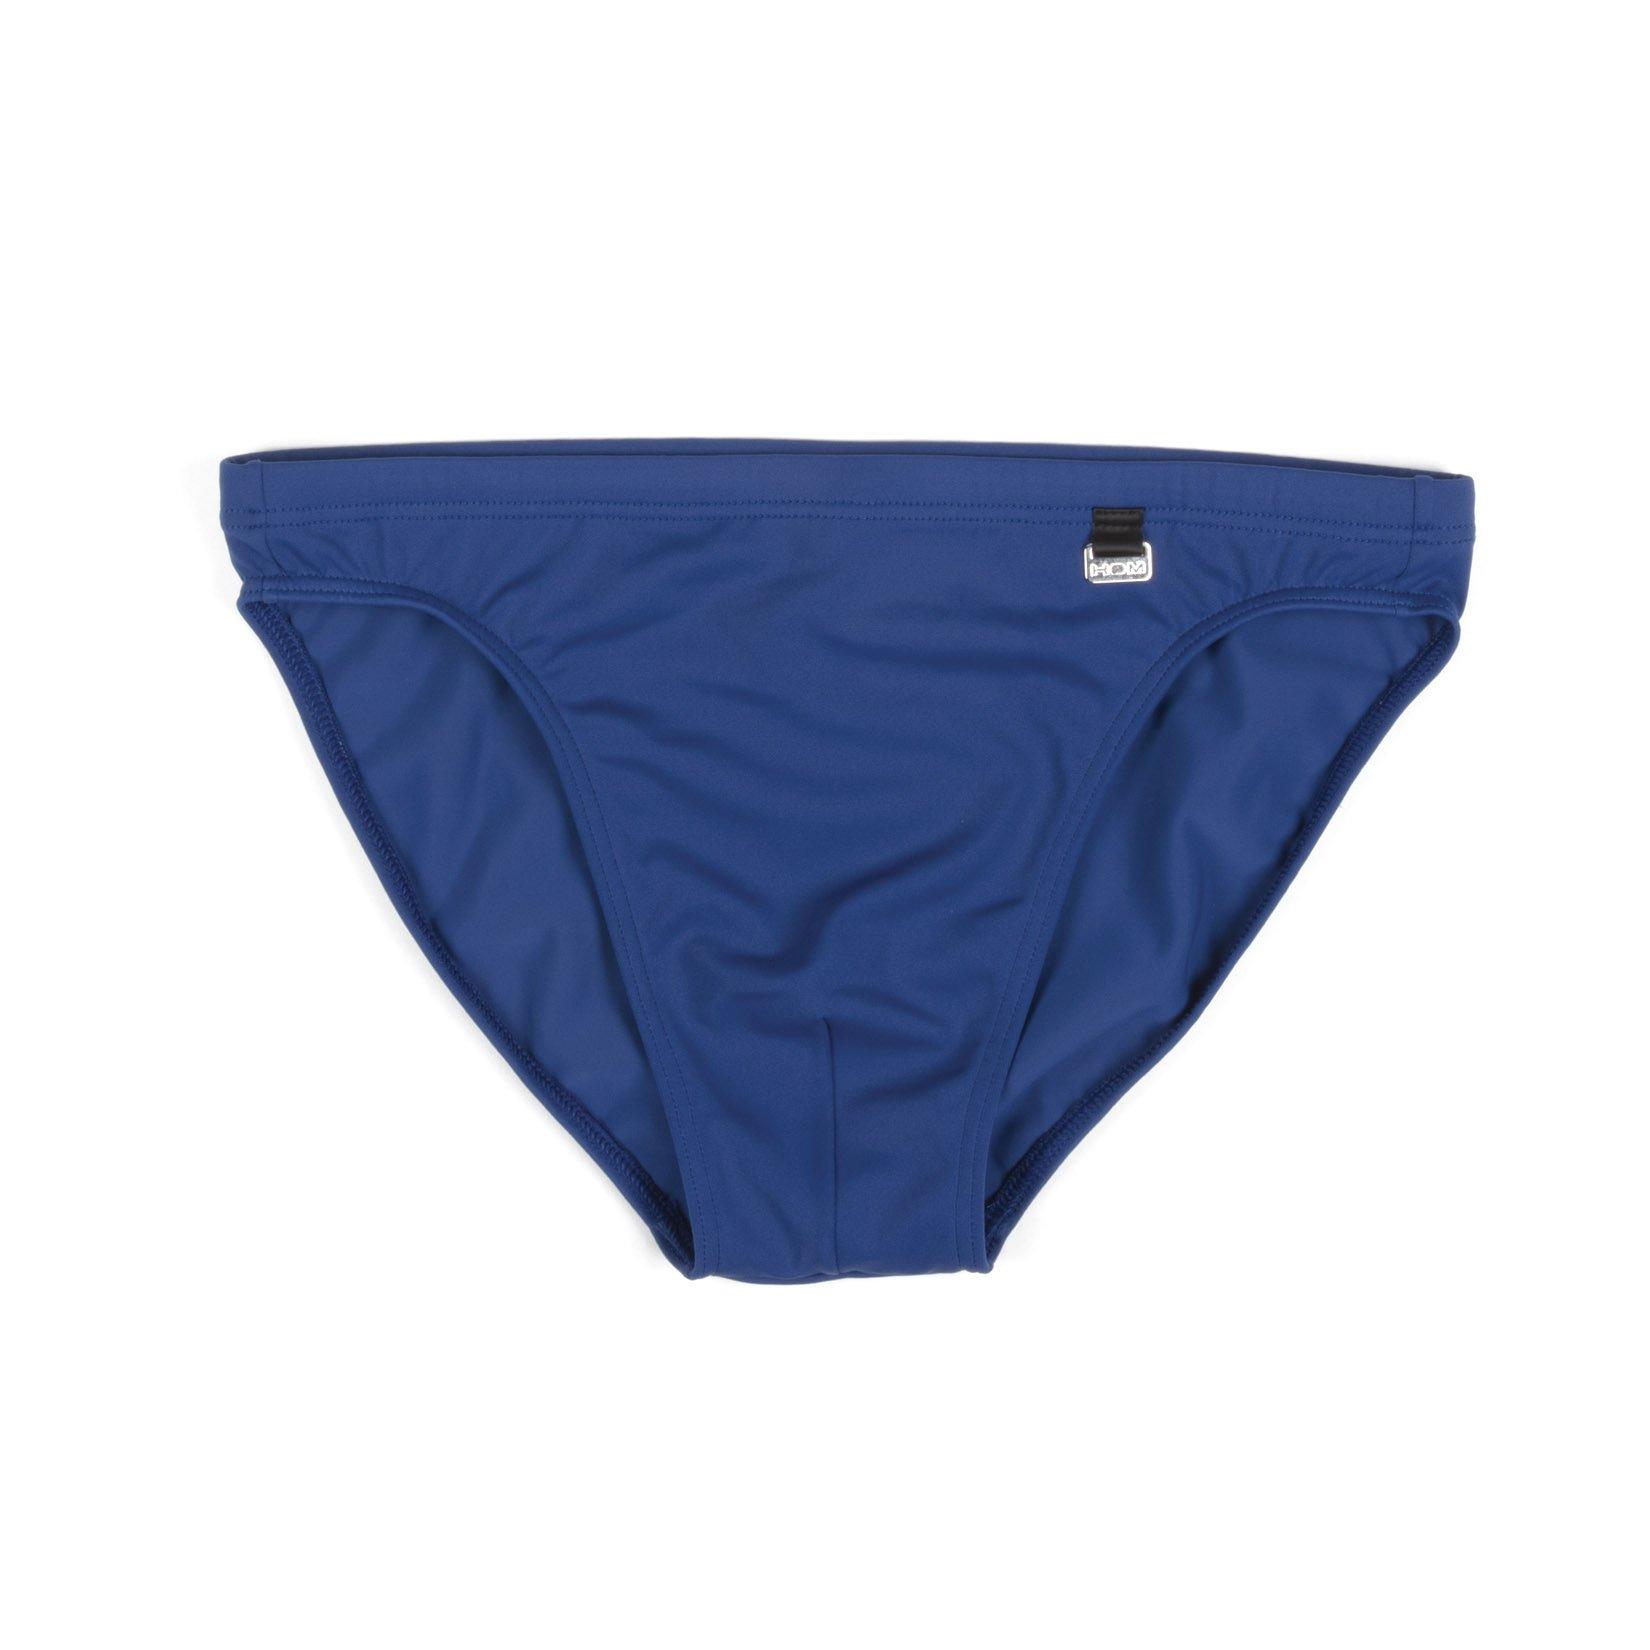 74b95e2661 Marina swim micro briefs for mens - HOM USA